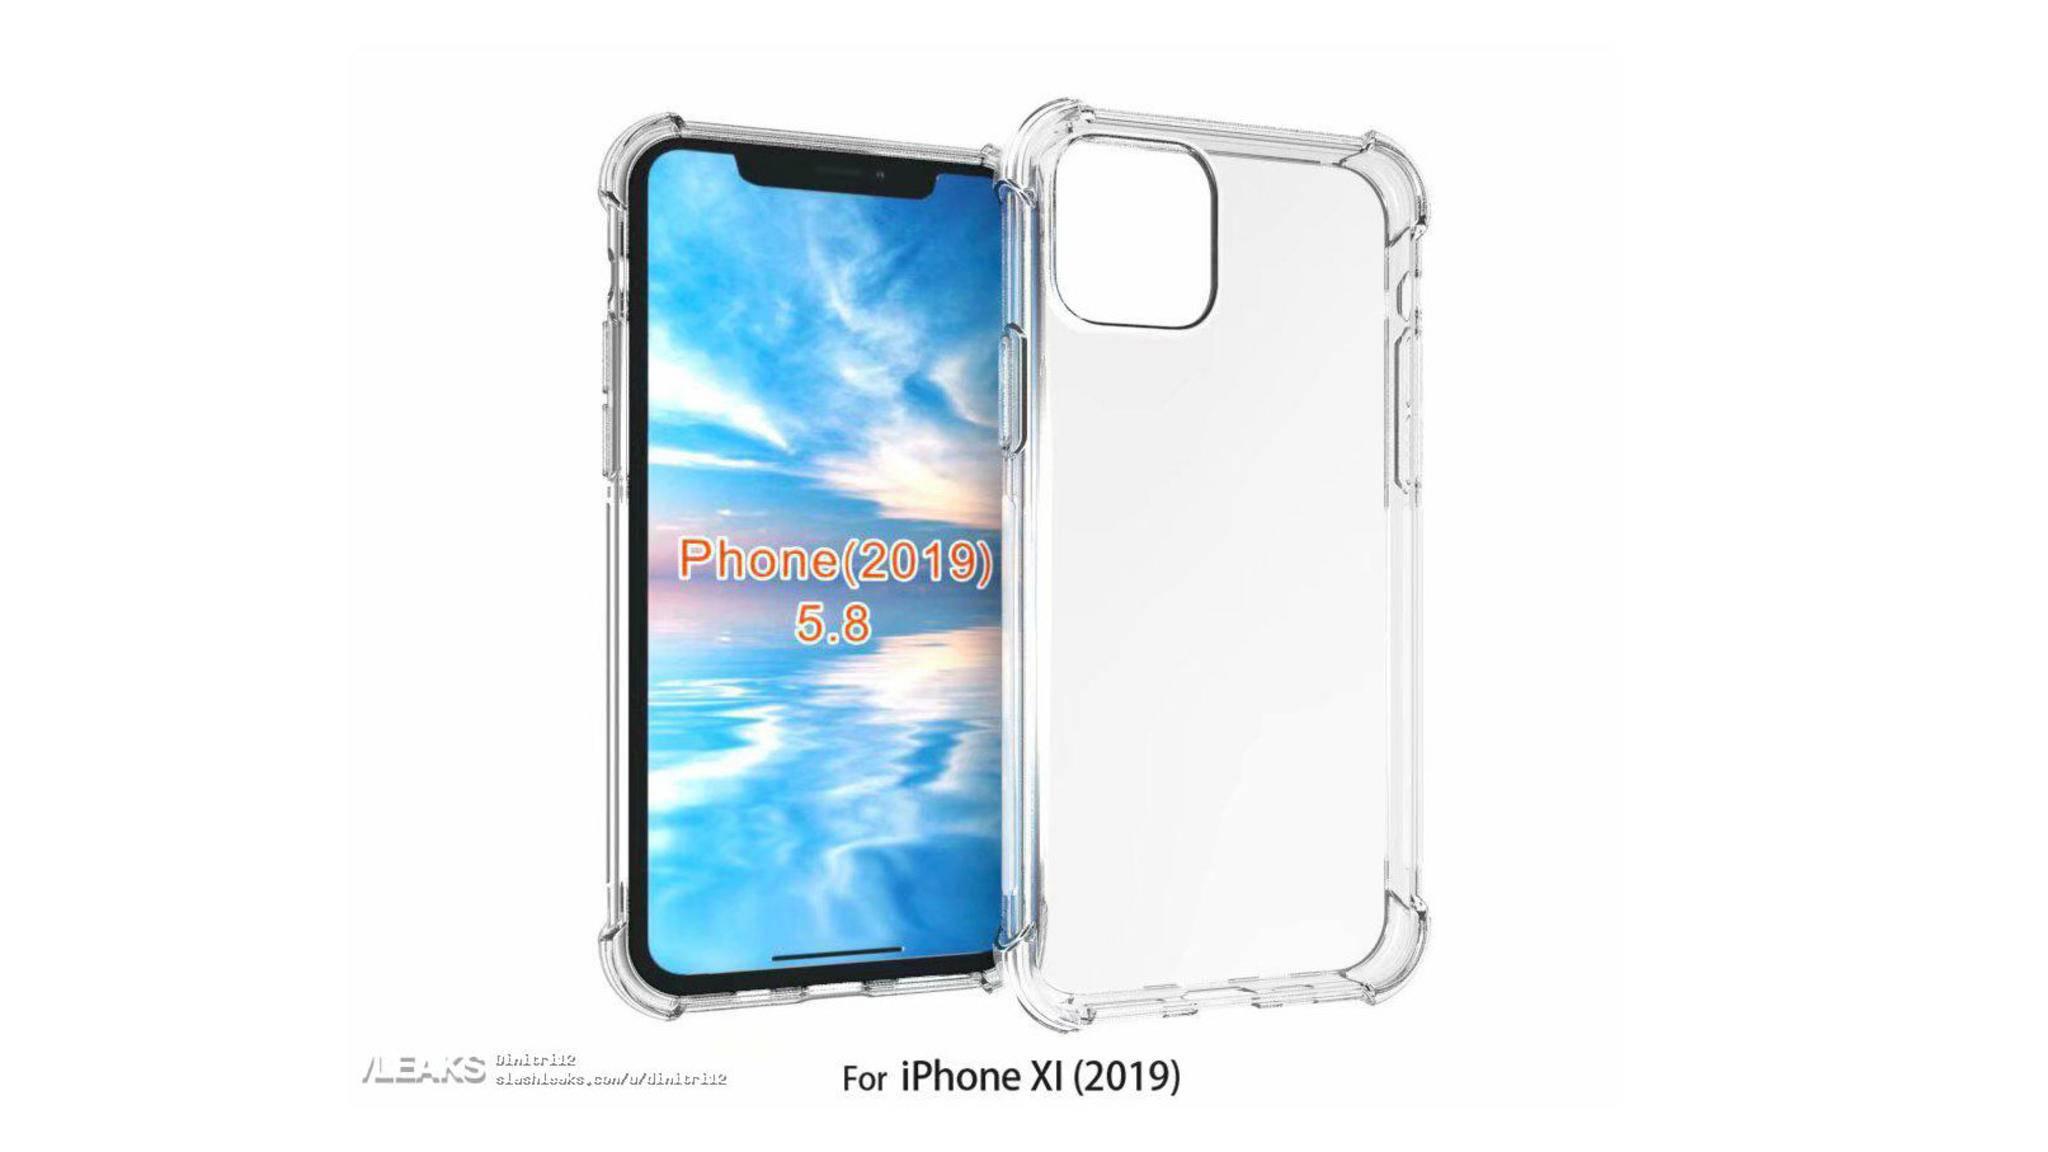 Von einem Case-Hersteller soll dieses Renderbild des iPhone 2019 stammen.